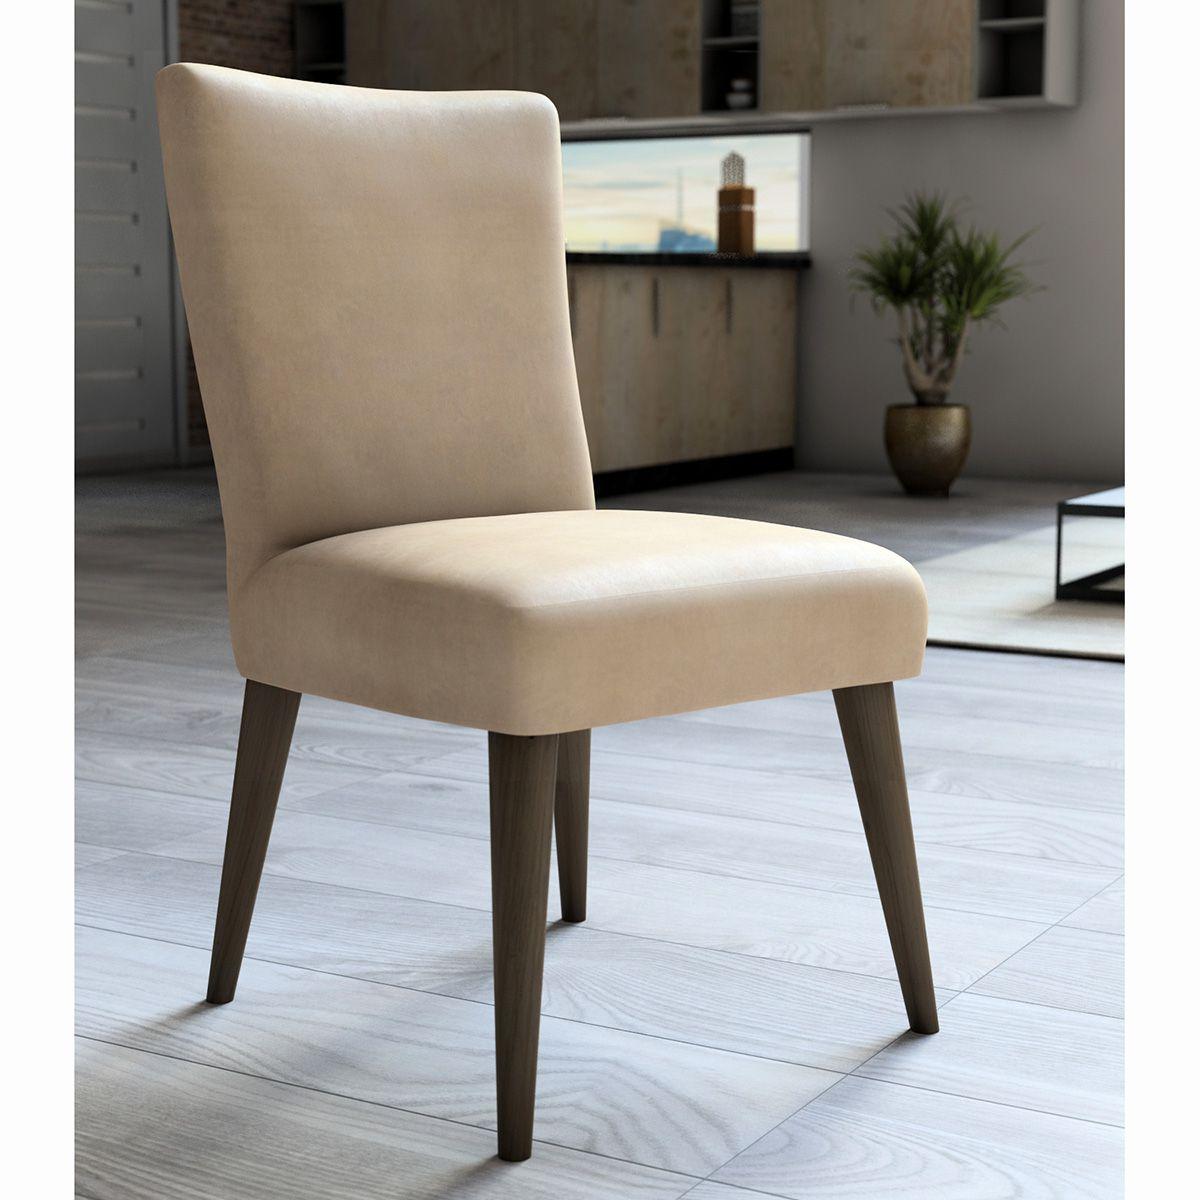 Capa P/ Cadeira - Luxo - Veludo - Champanhe - Adomes